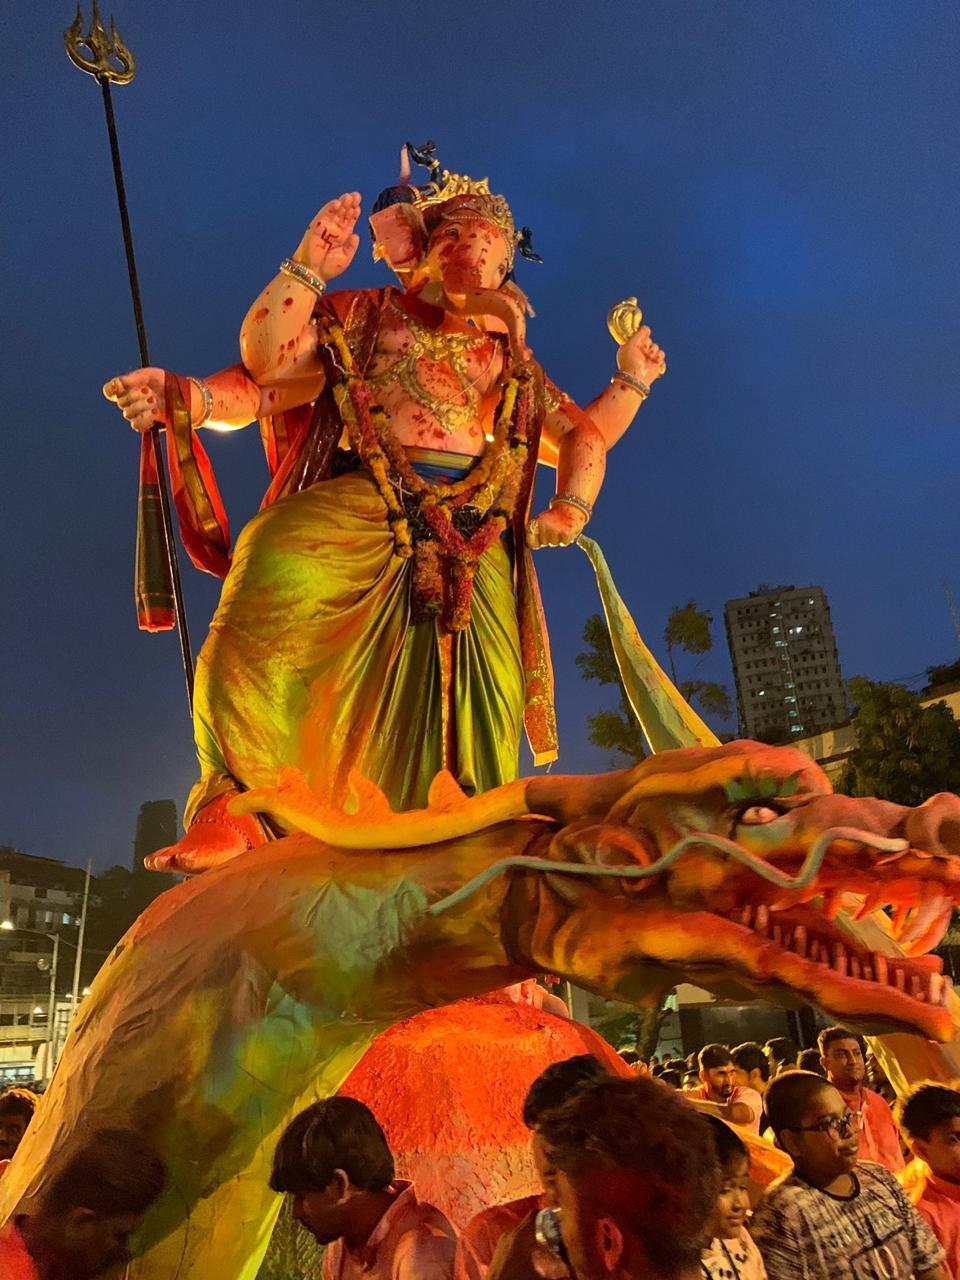 तस्वीरों के माध्यम से देखिए बप्पा के विदाई की मनमोहक मूर्तियां